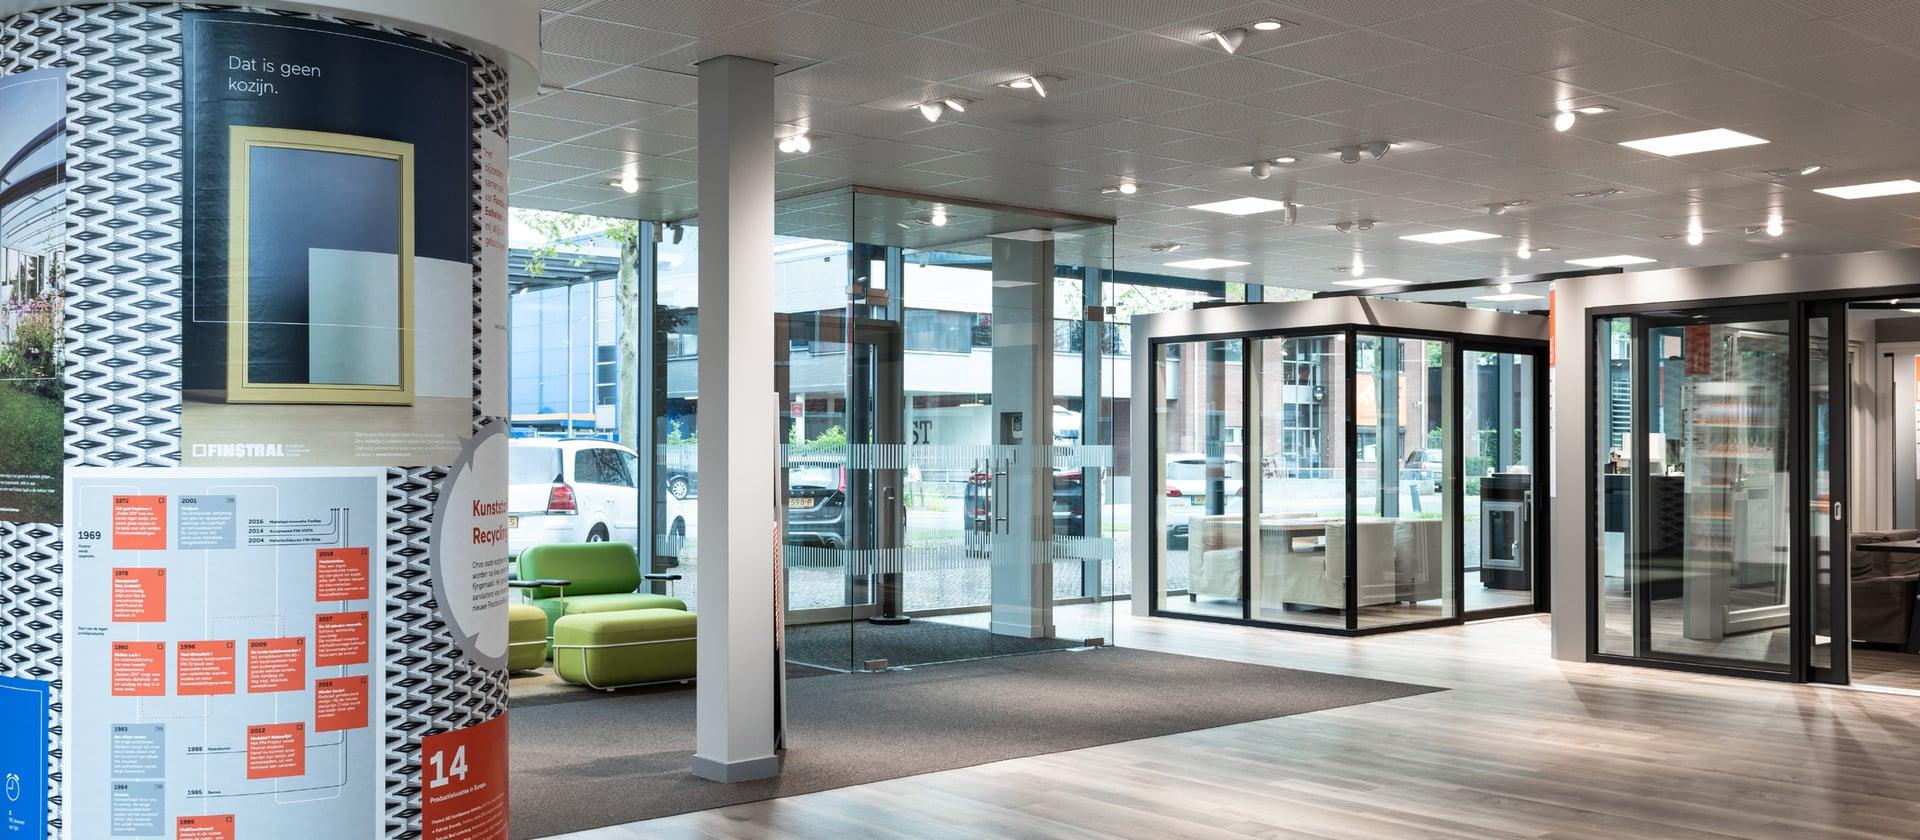 Finstral Studio Apeldoorn